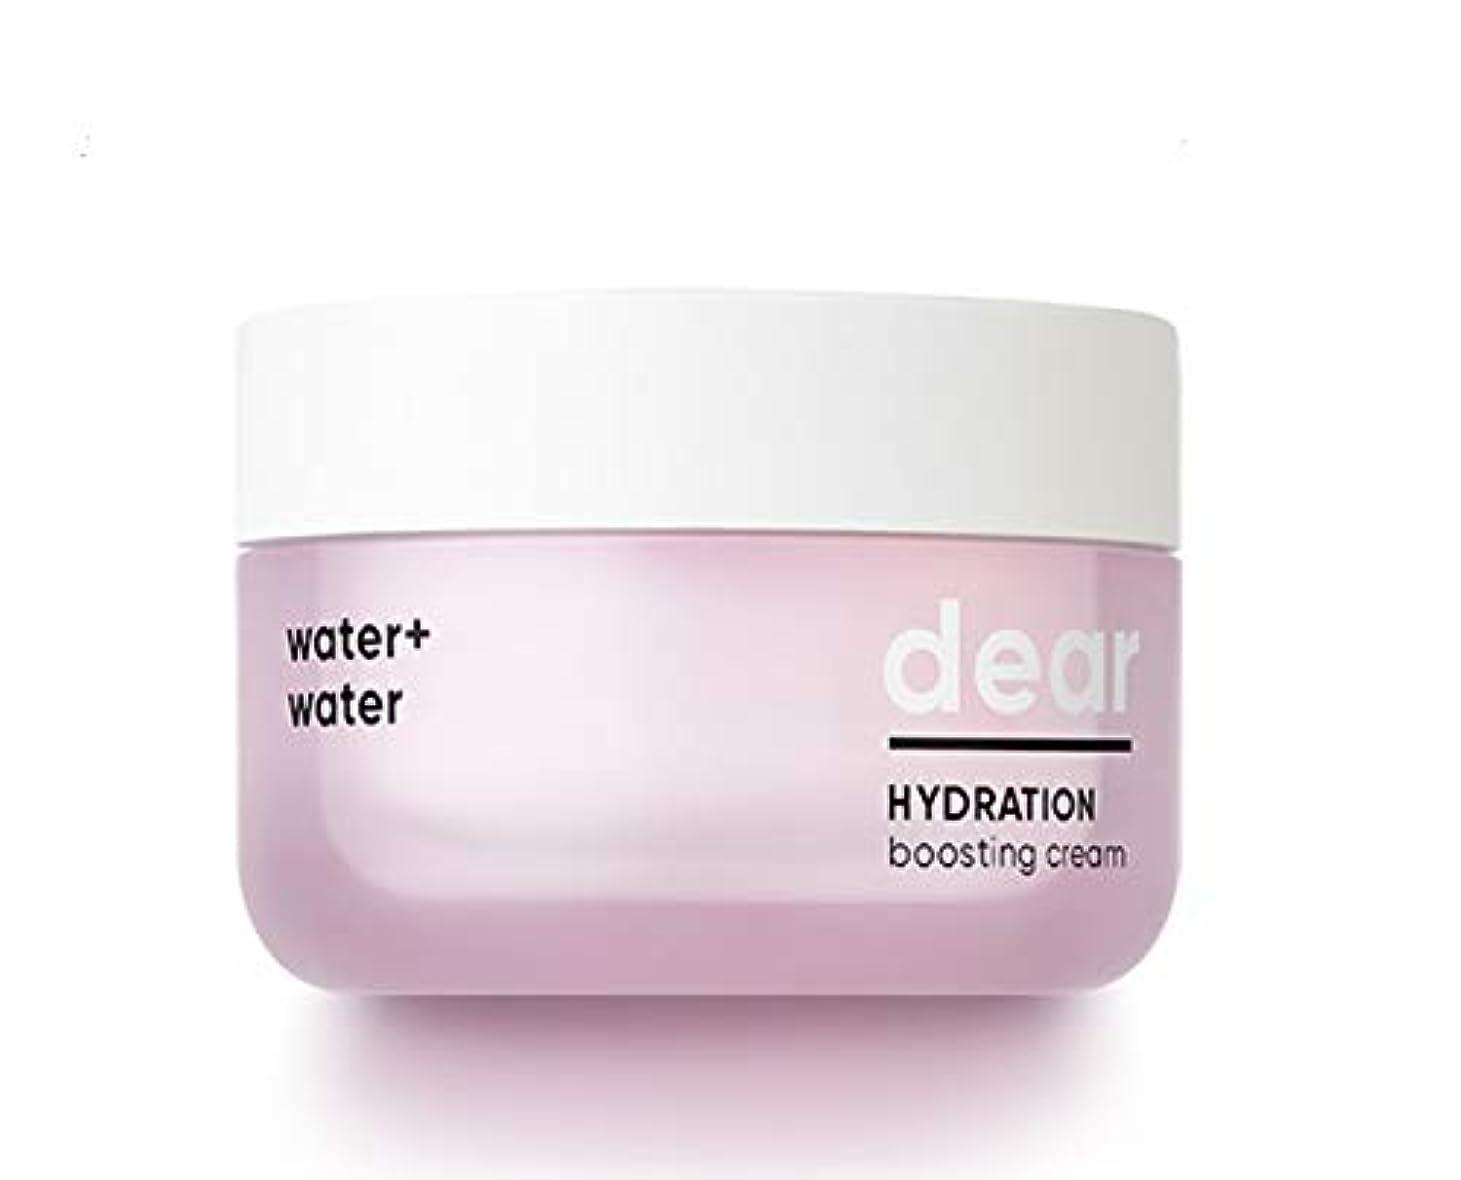 マイルストーン暴力的なパドル[New] BANILA CO dear Hydration Boosting Cream 50ml / (Banila co) パニルラ鼻ディアハイドゥレイションブースティングクリーム50ml [並行輸入品]